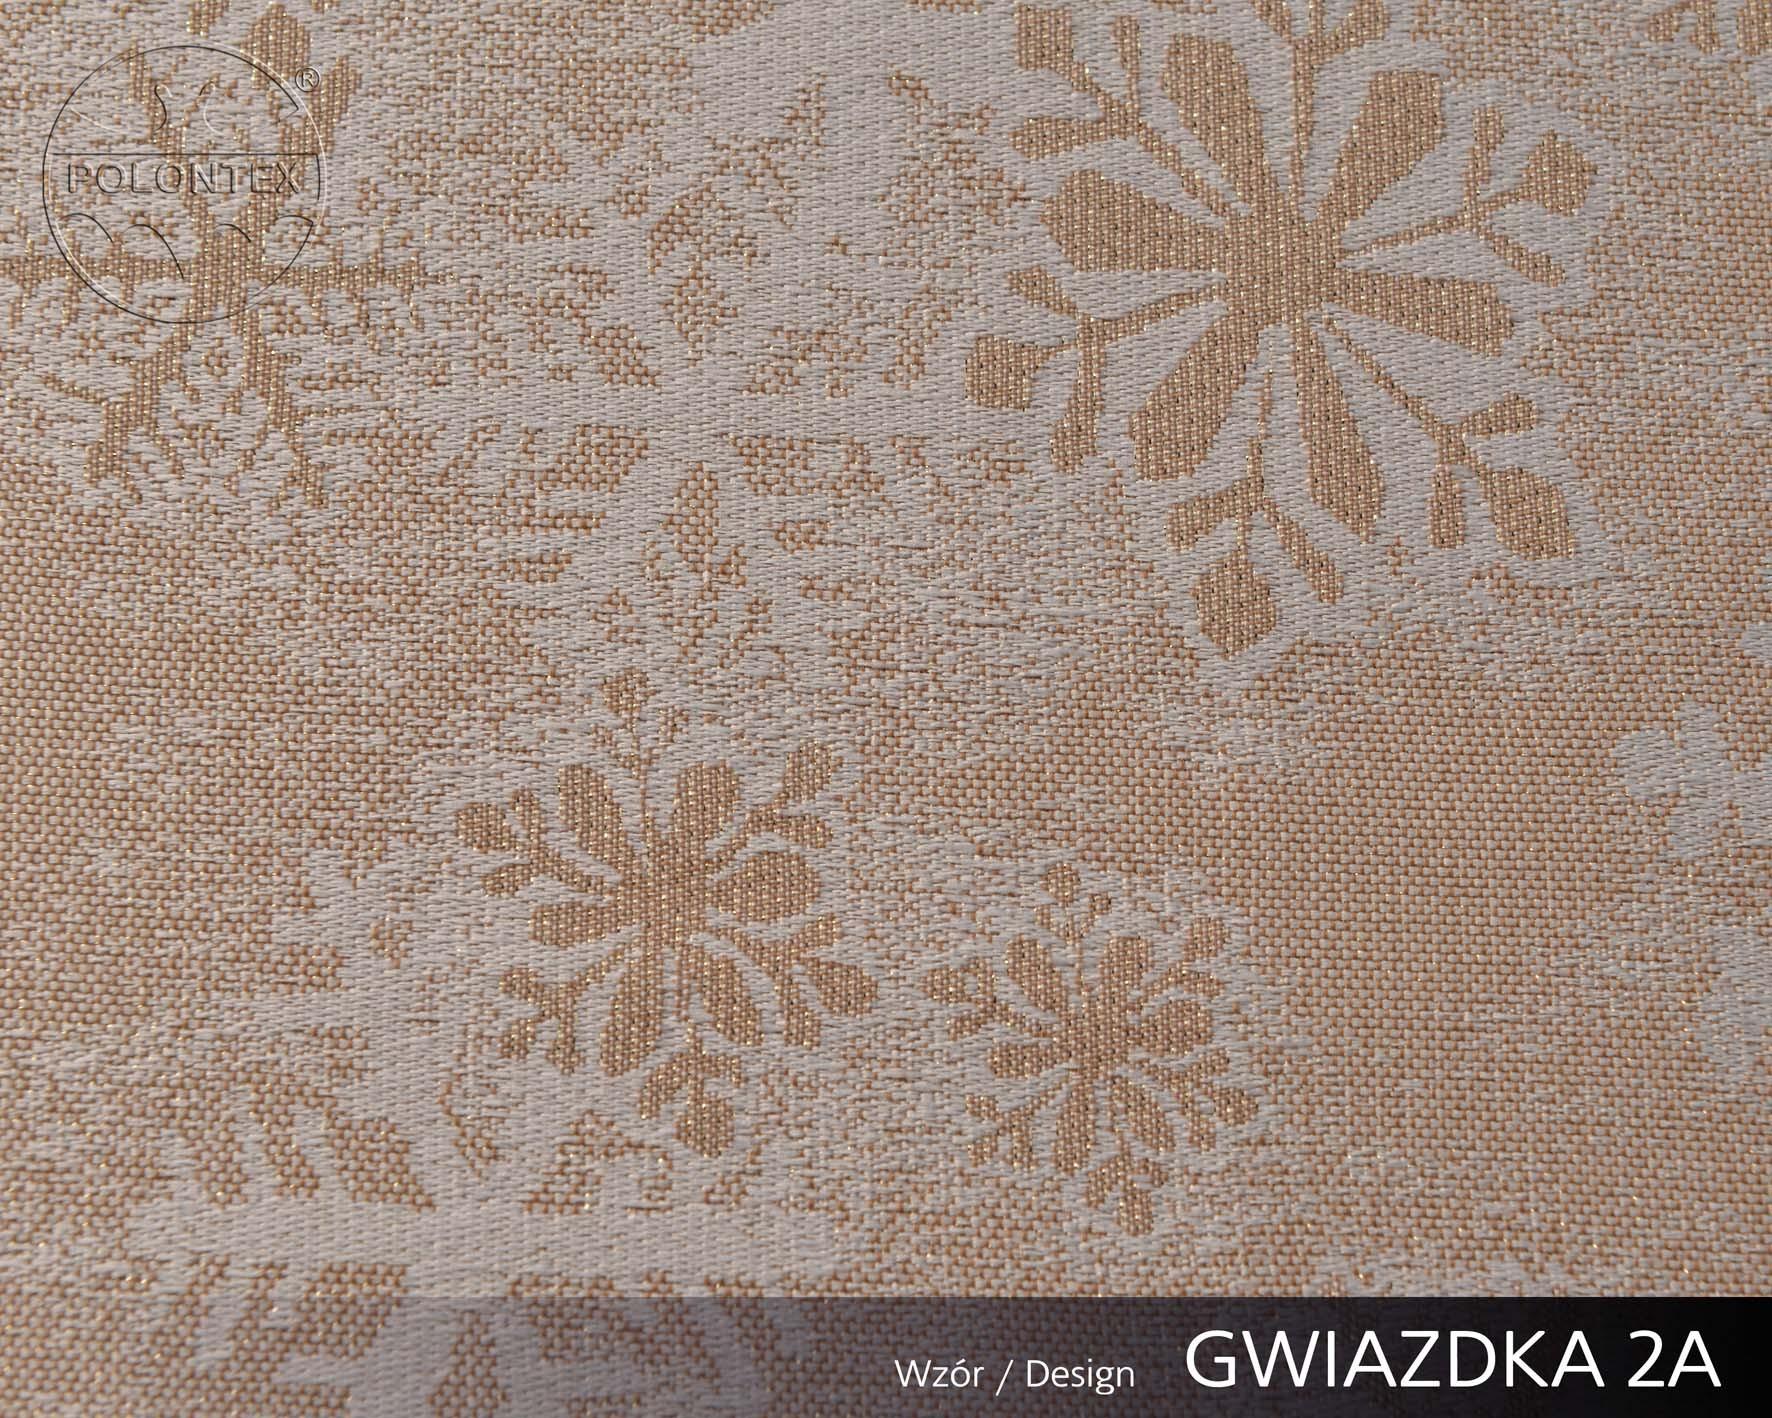 GWIAZDKA 2A 266